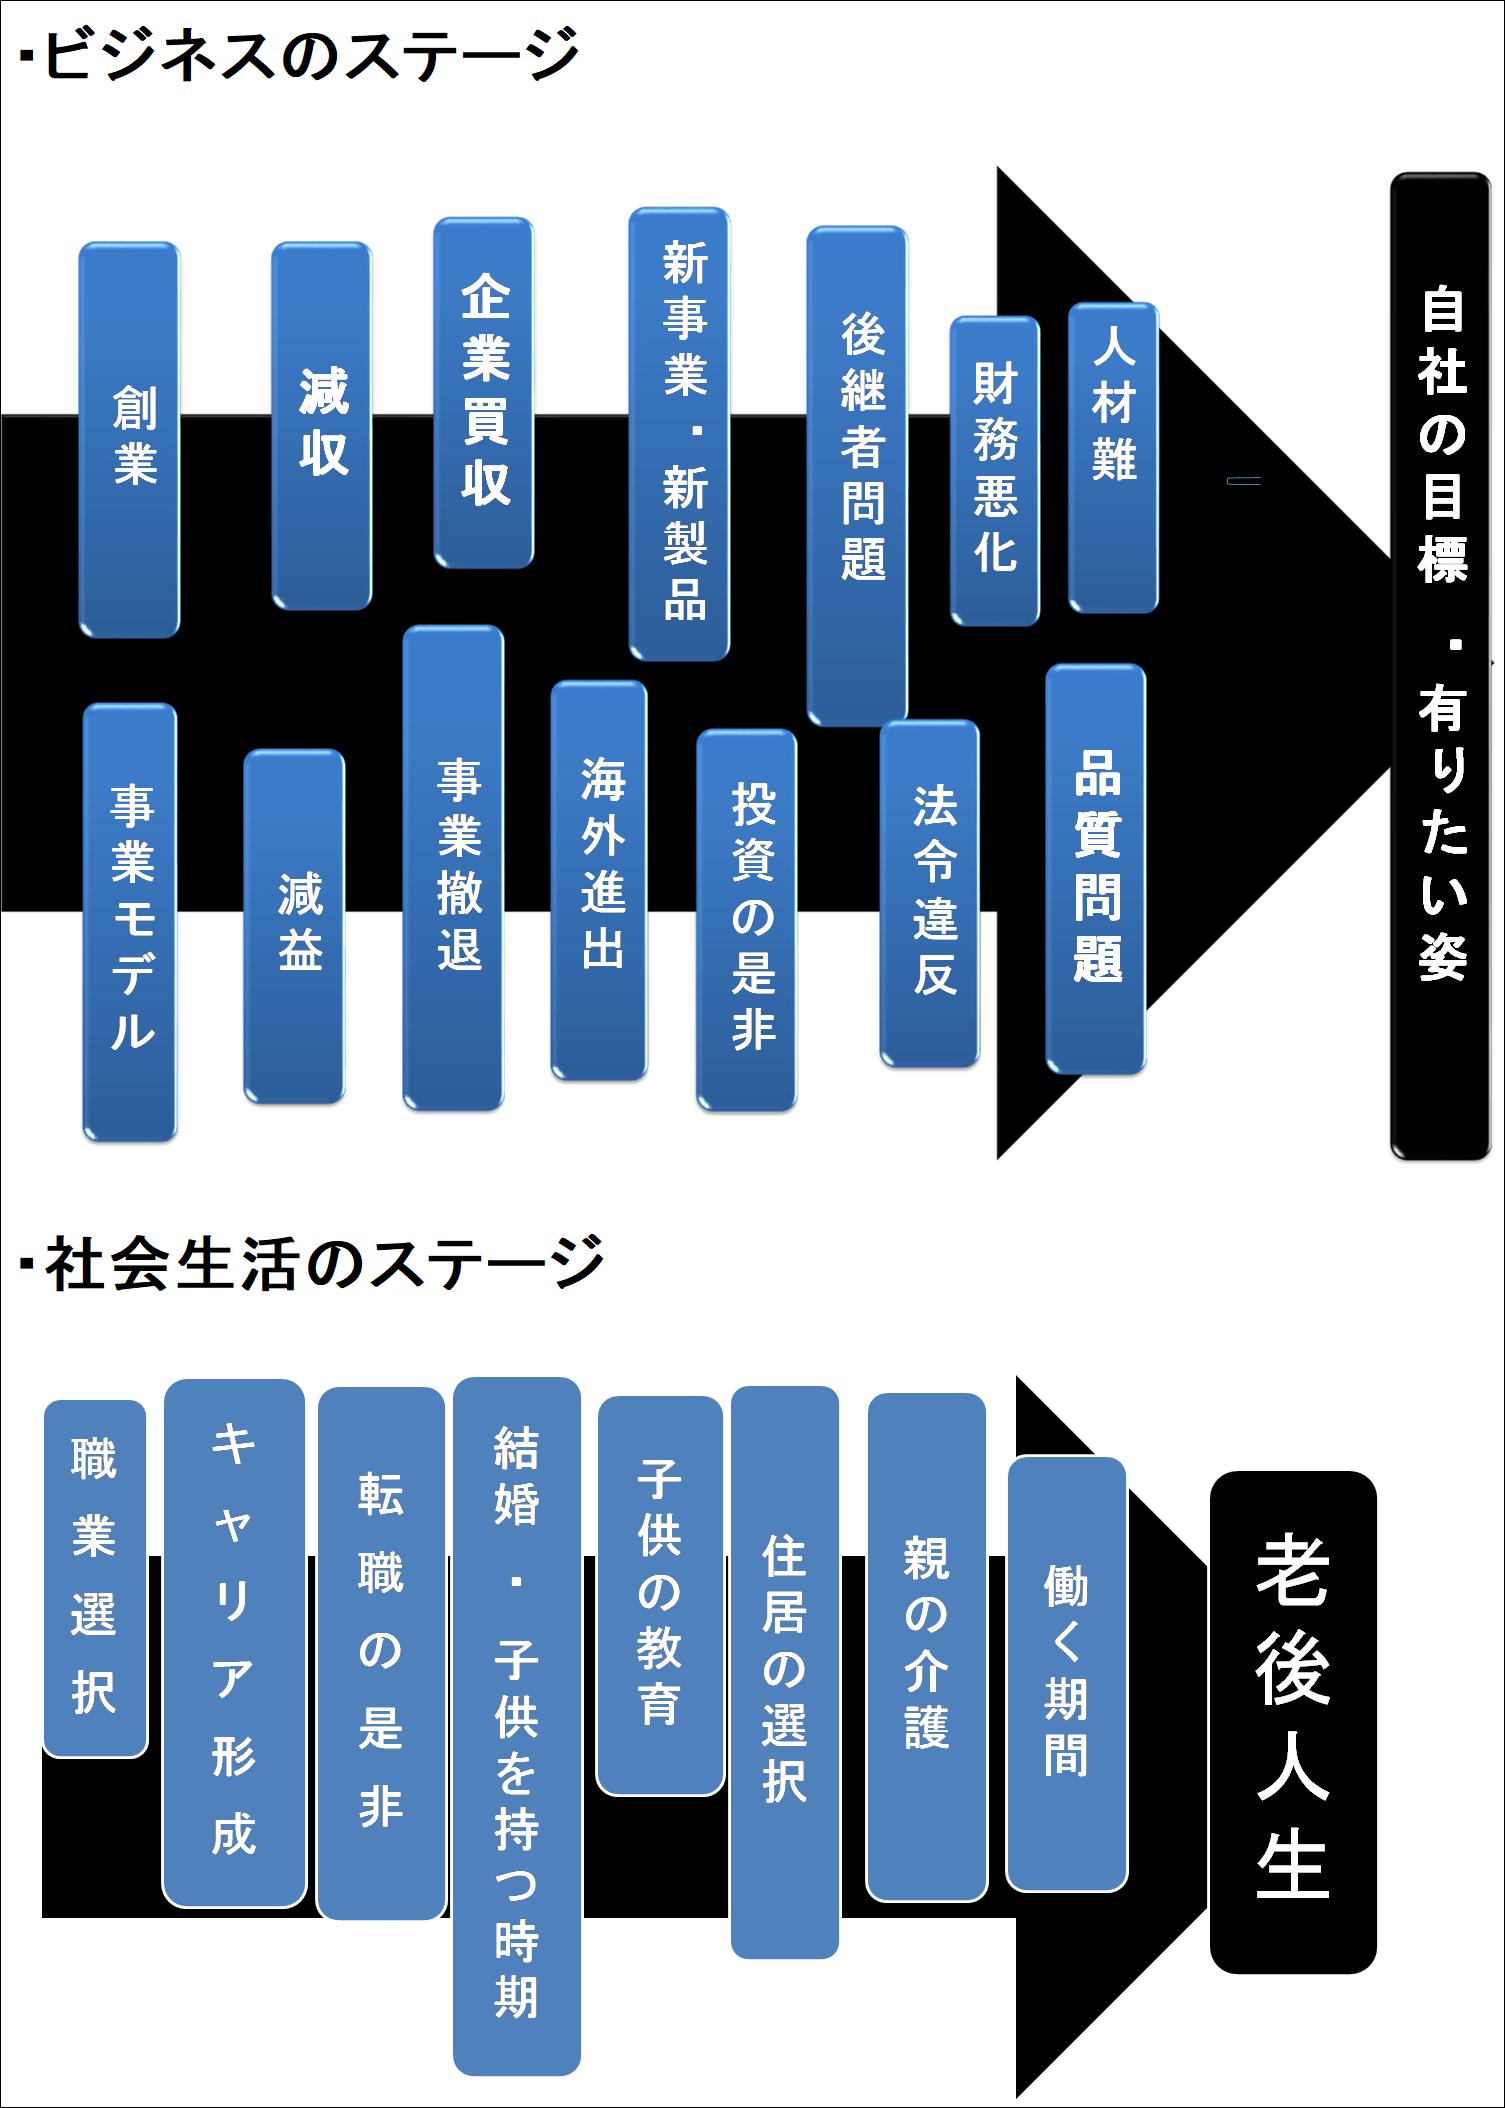 意思決定の進め方 | 東京都中小企業診断士協会 城南支部